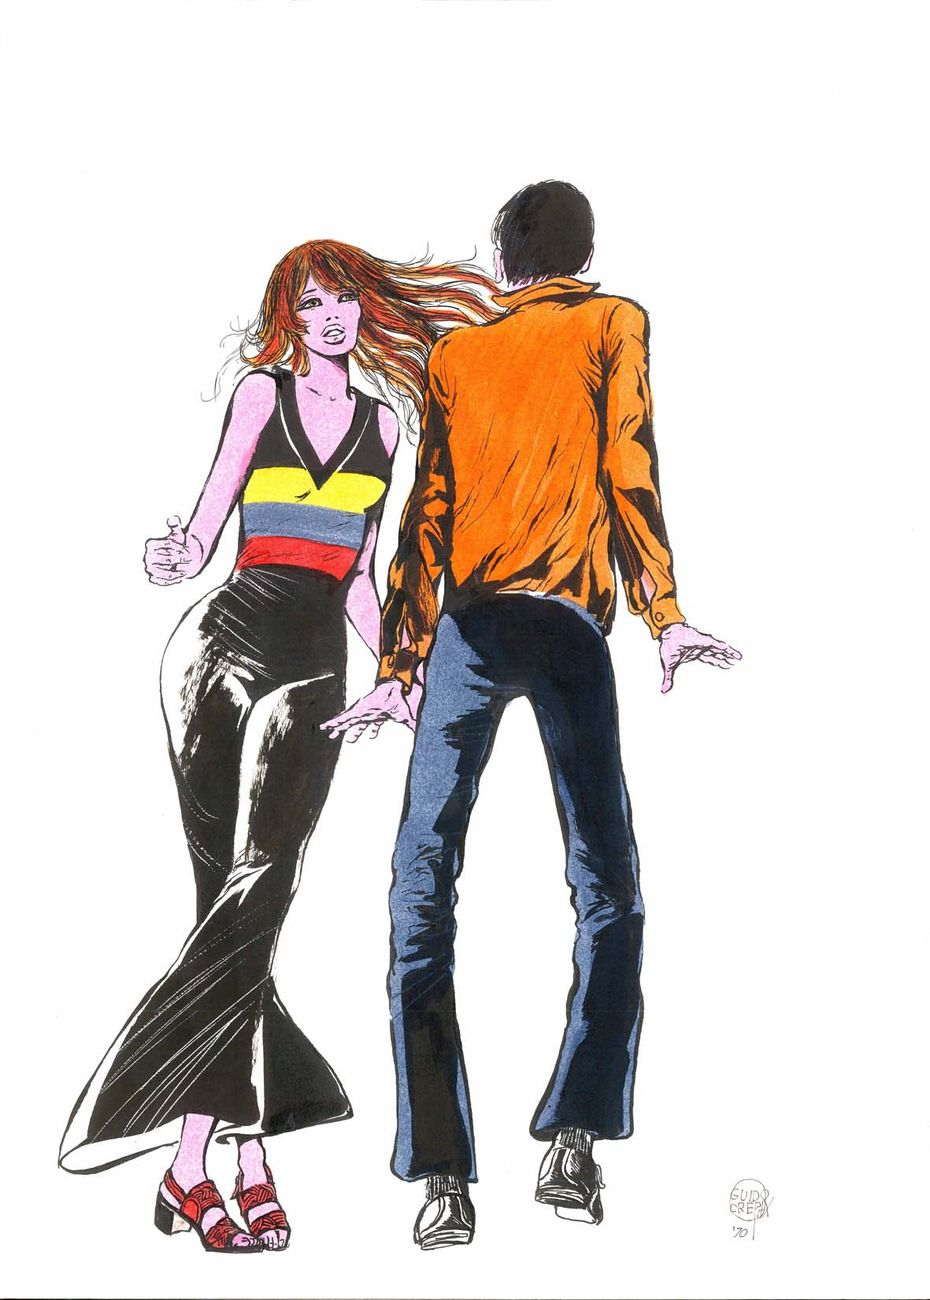 Guido Crepax, Illustrazione per la campagna pubblicitaria Terital, 1970. Courtesy Archivio Crepax